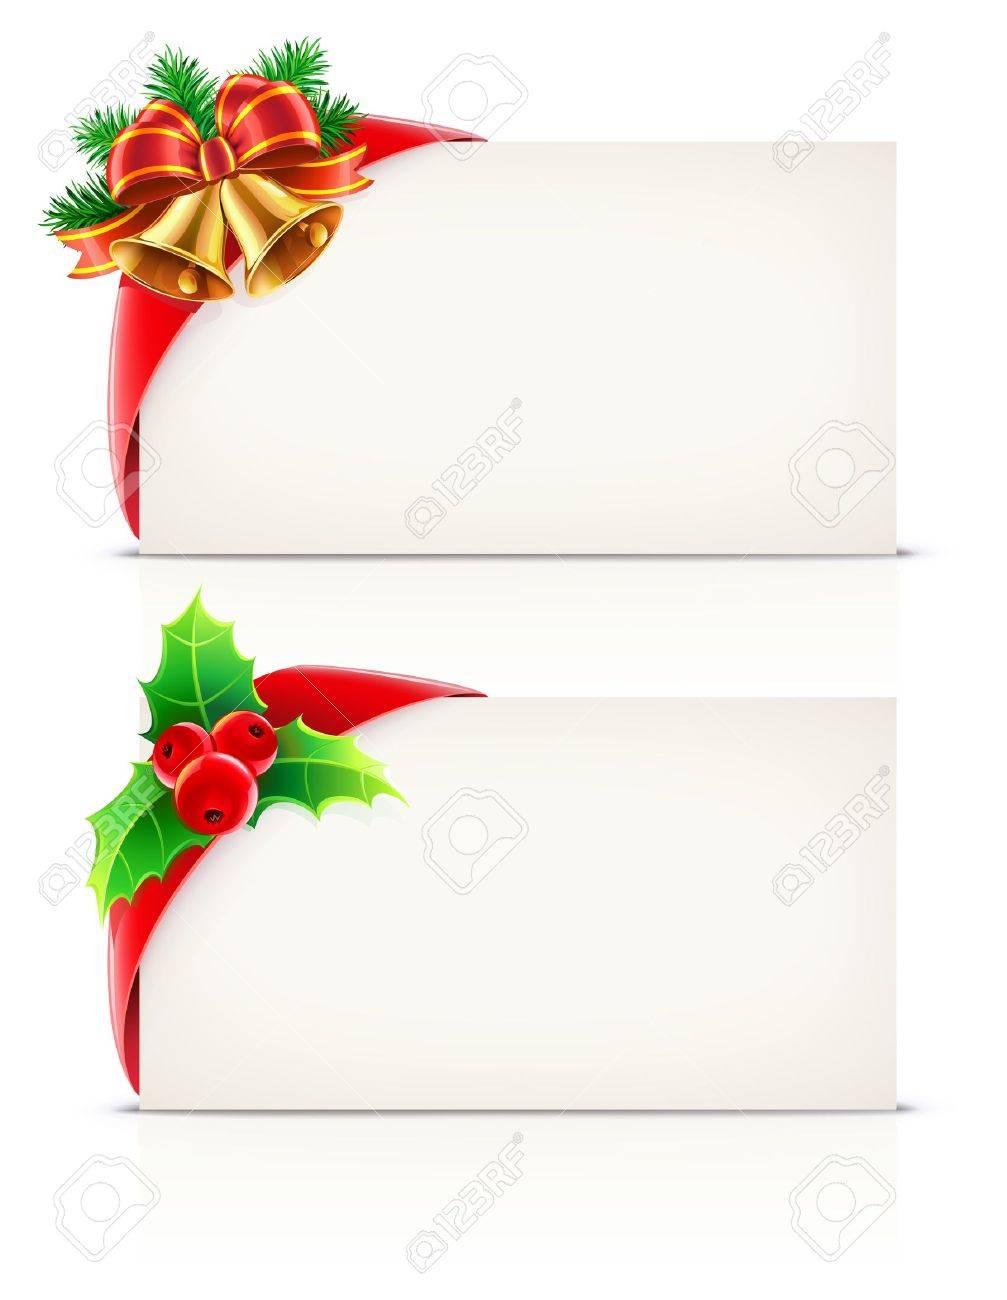 Abbildung Reihe Von Glänzenden Roten Geschenkband Um Ein Rechteck